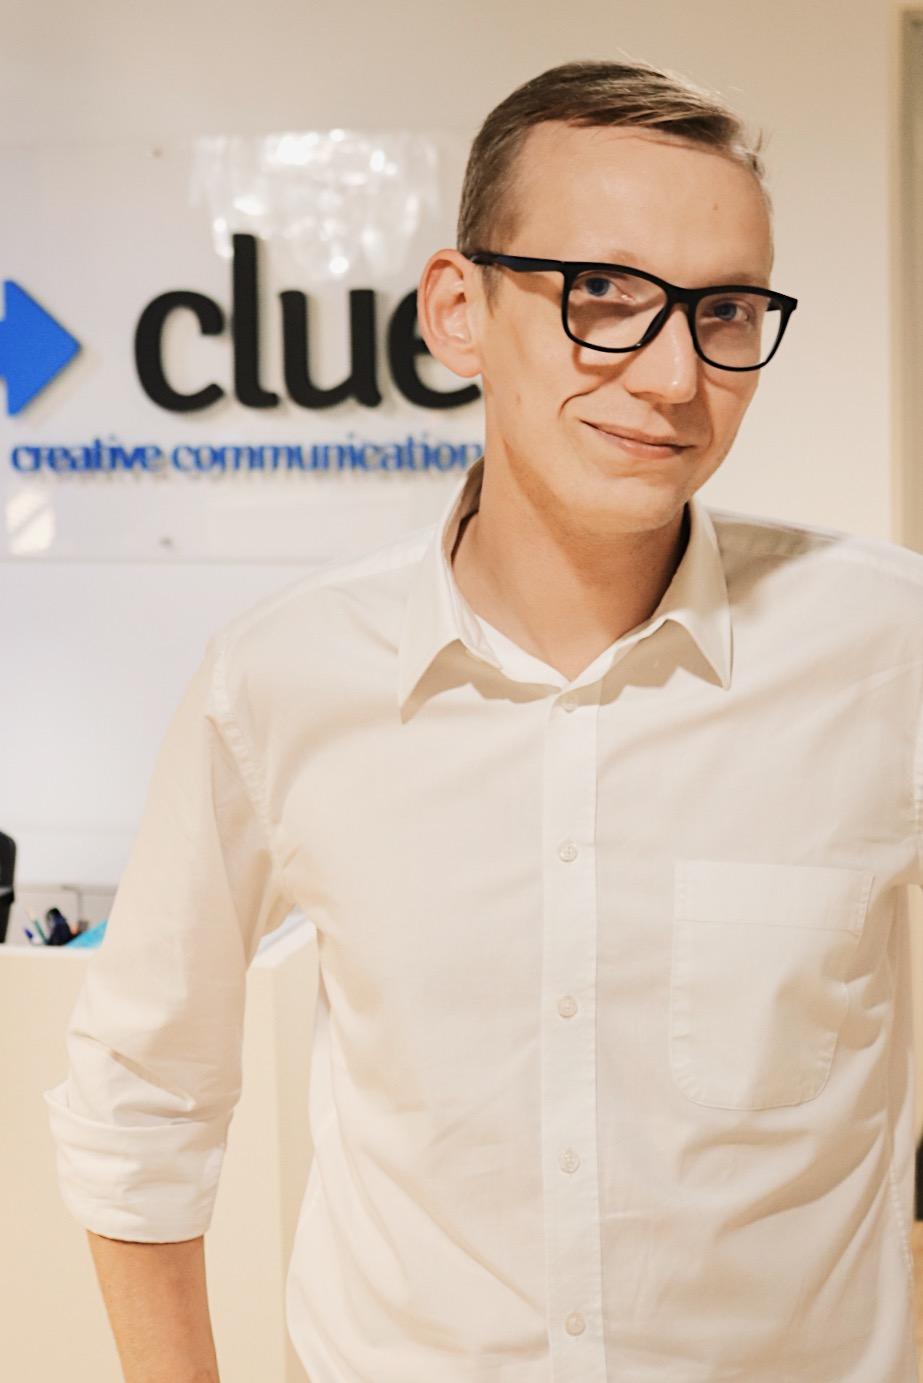 Michał Kwietniewski CluePR